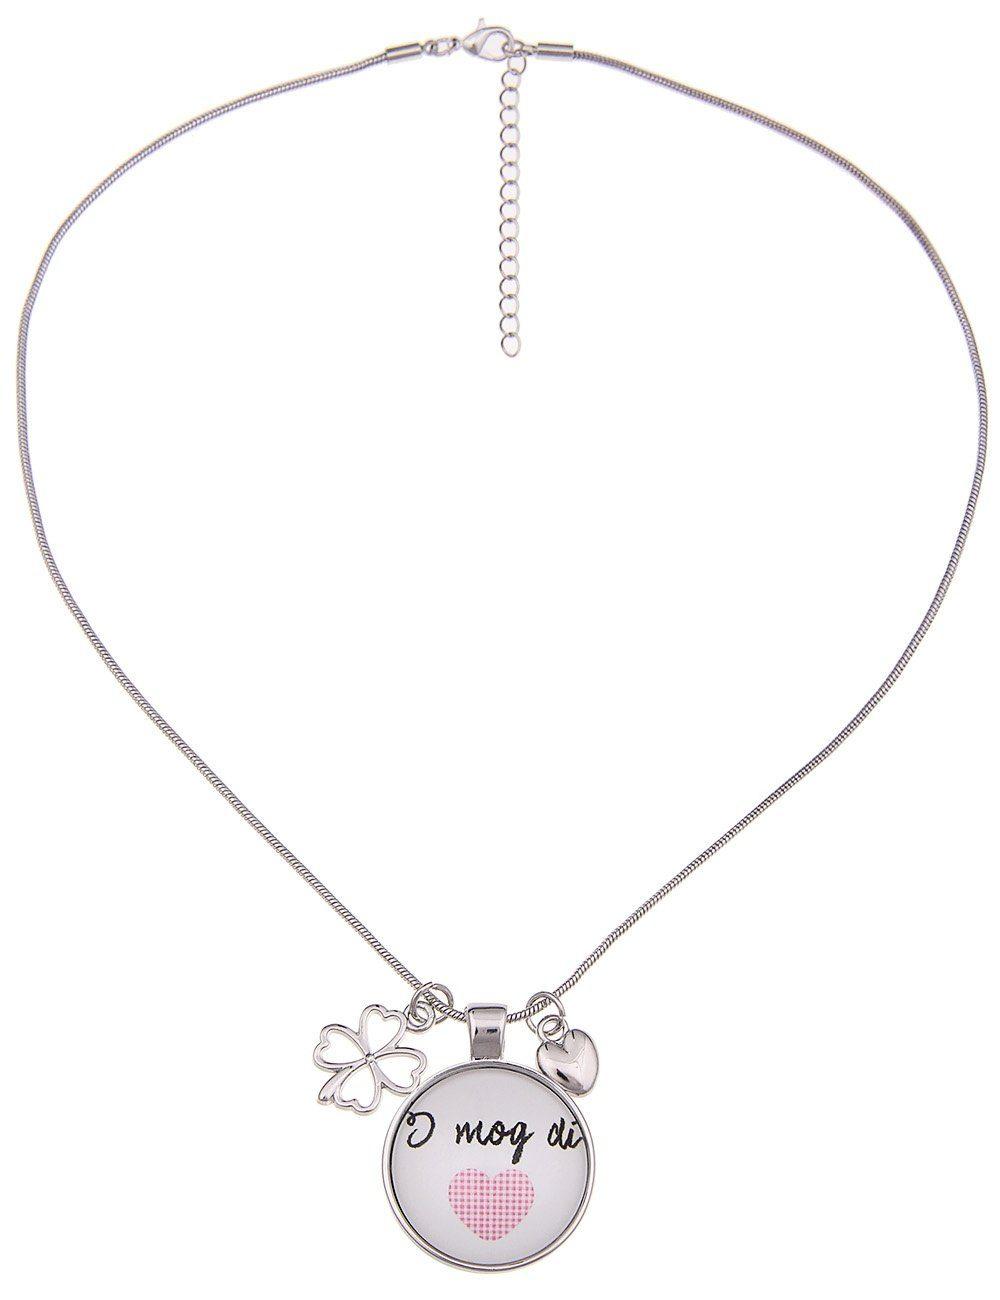 Leslii Halskette für Trachten-Looks